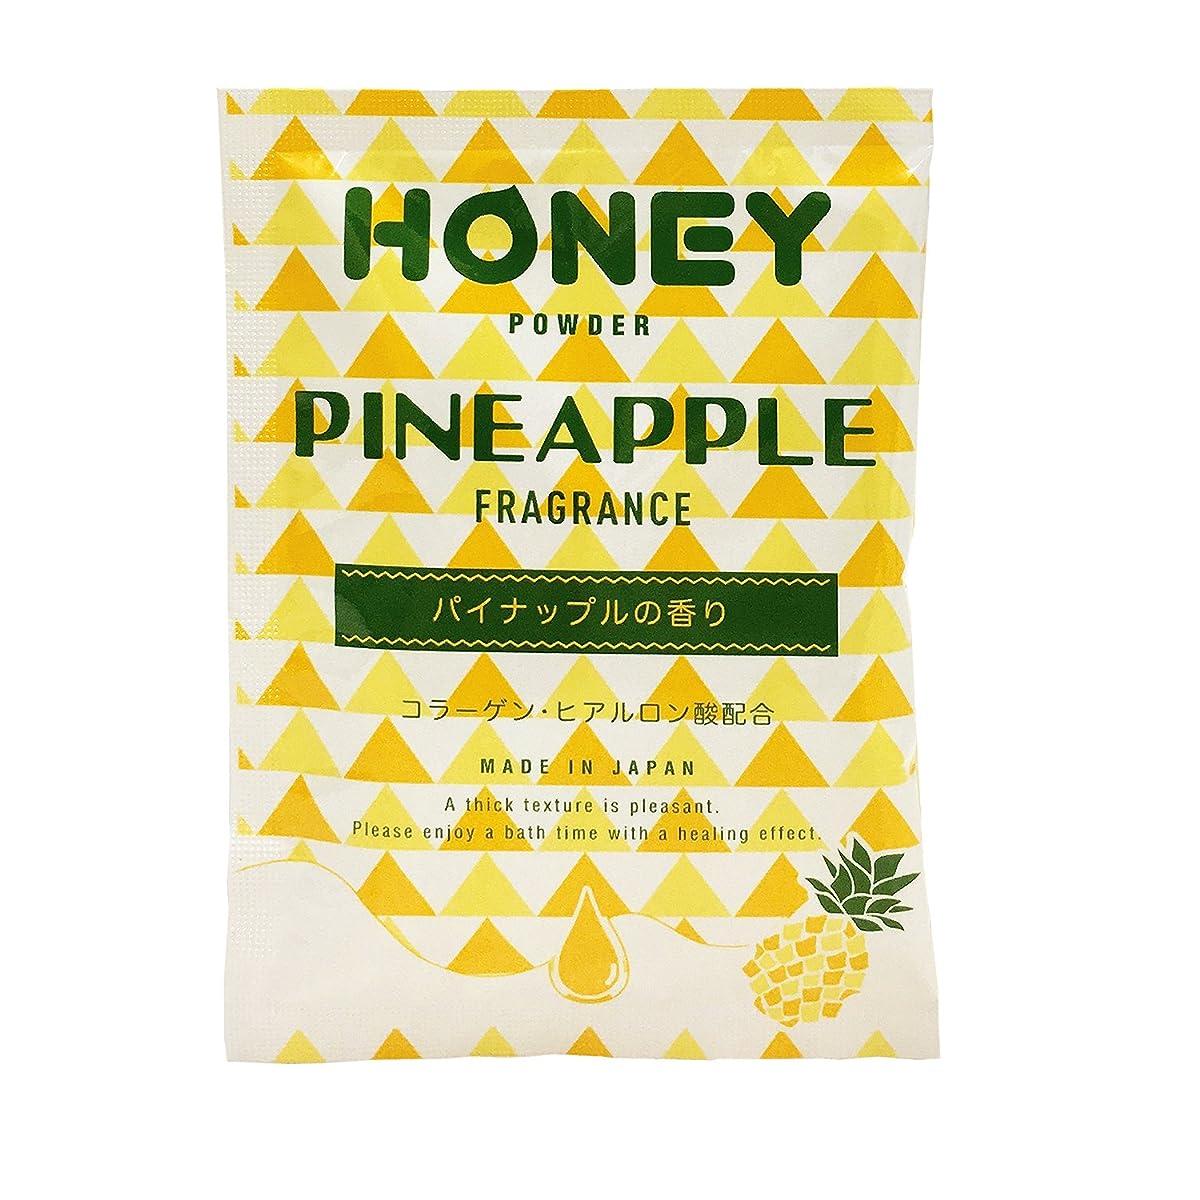 何故なのゴシップアブストラクトとろとろ入浴剤【honey powder】(ハニーパウダー) パイナップルの香り 粉末タイプ ローション